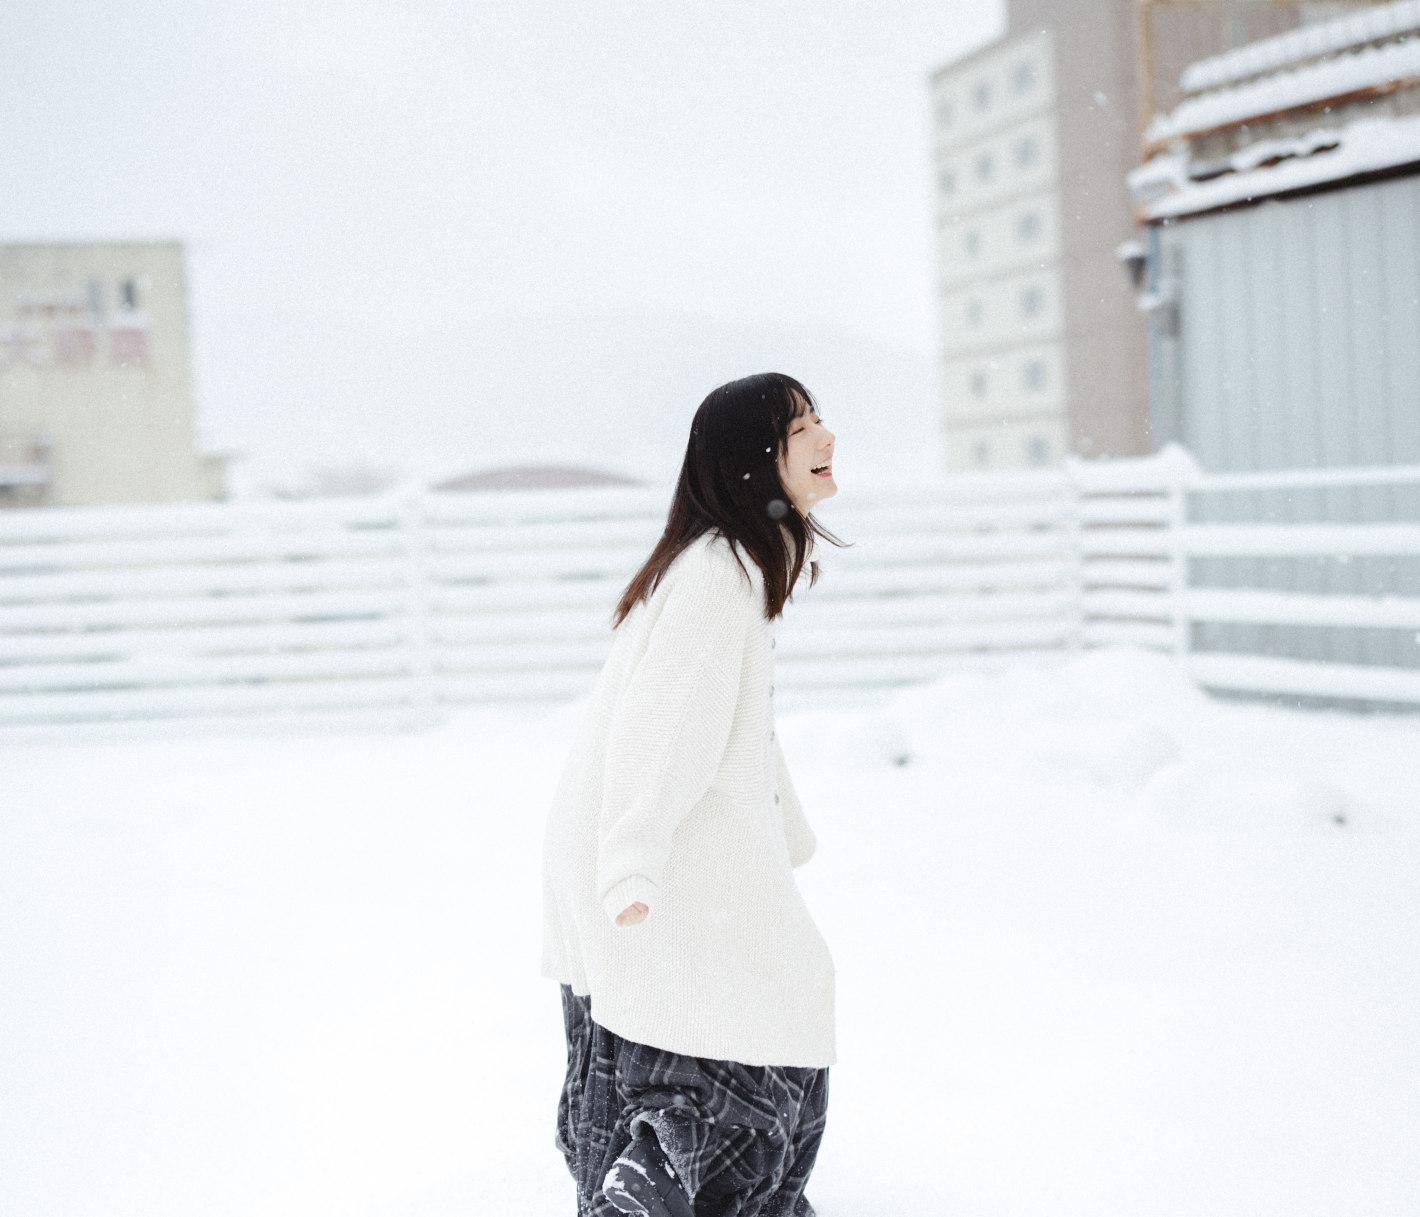 写真家 酒井貴弘が描く、冬の物語 – 雪の記憶、光のかけら